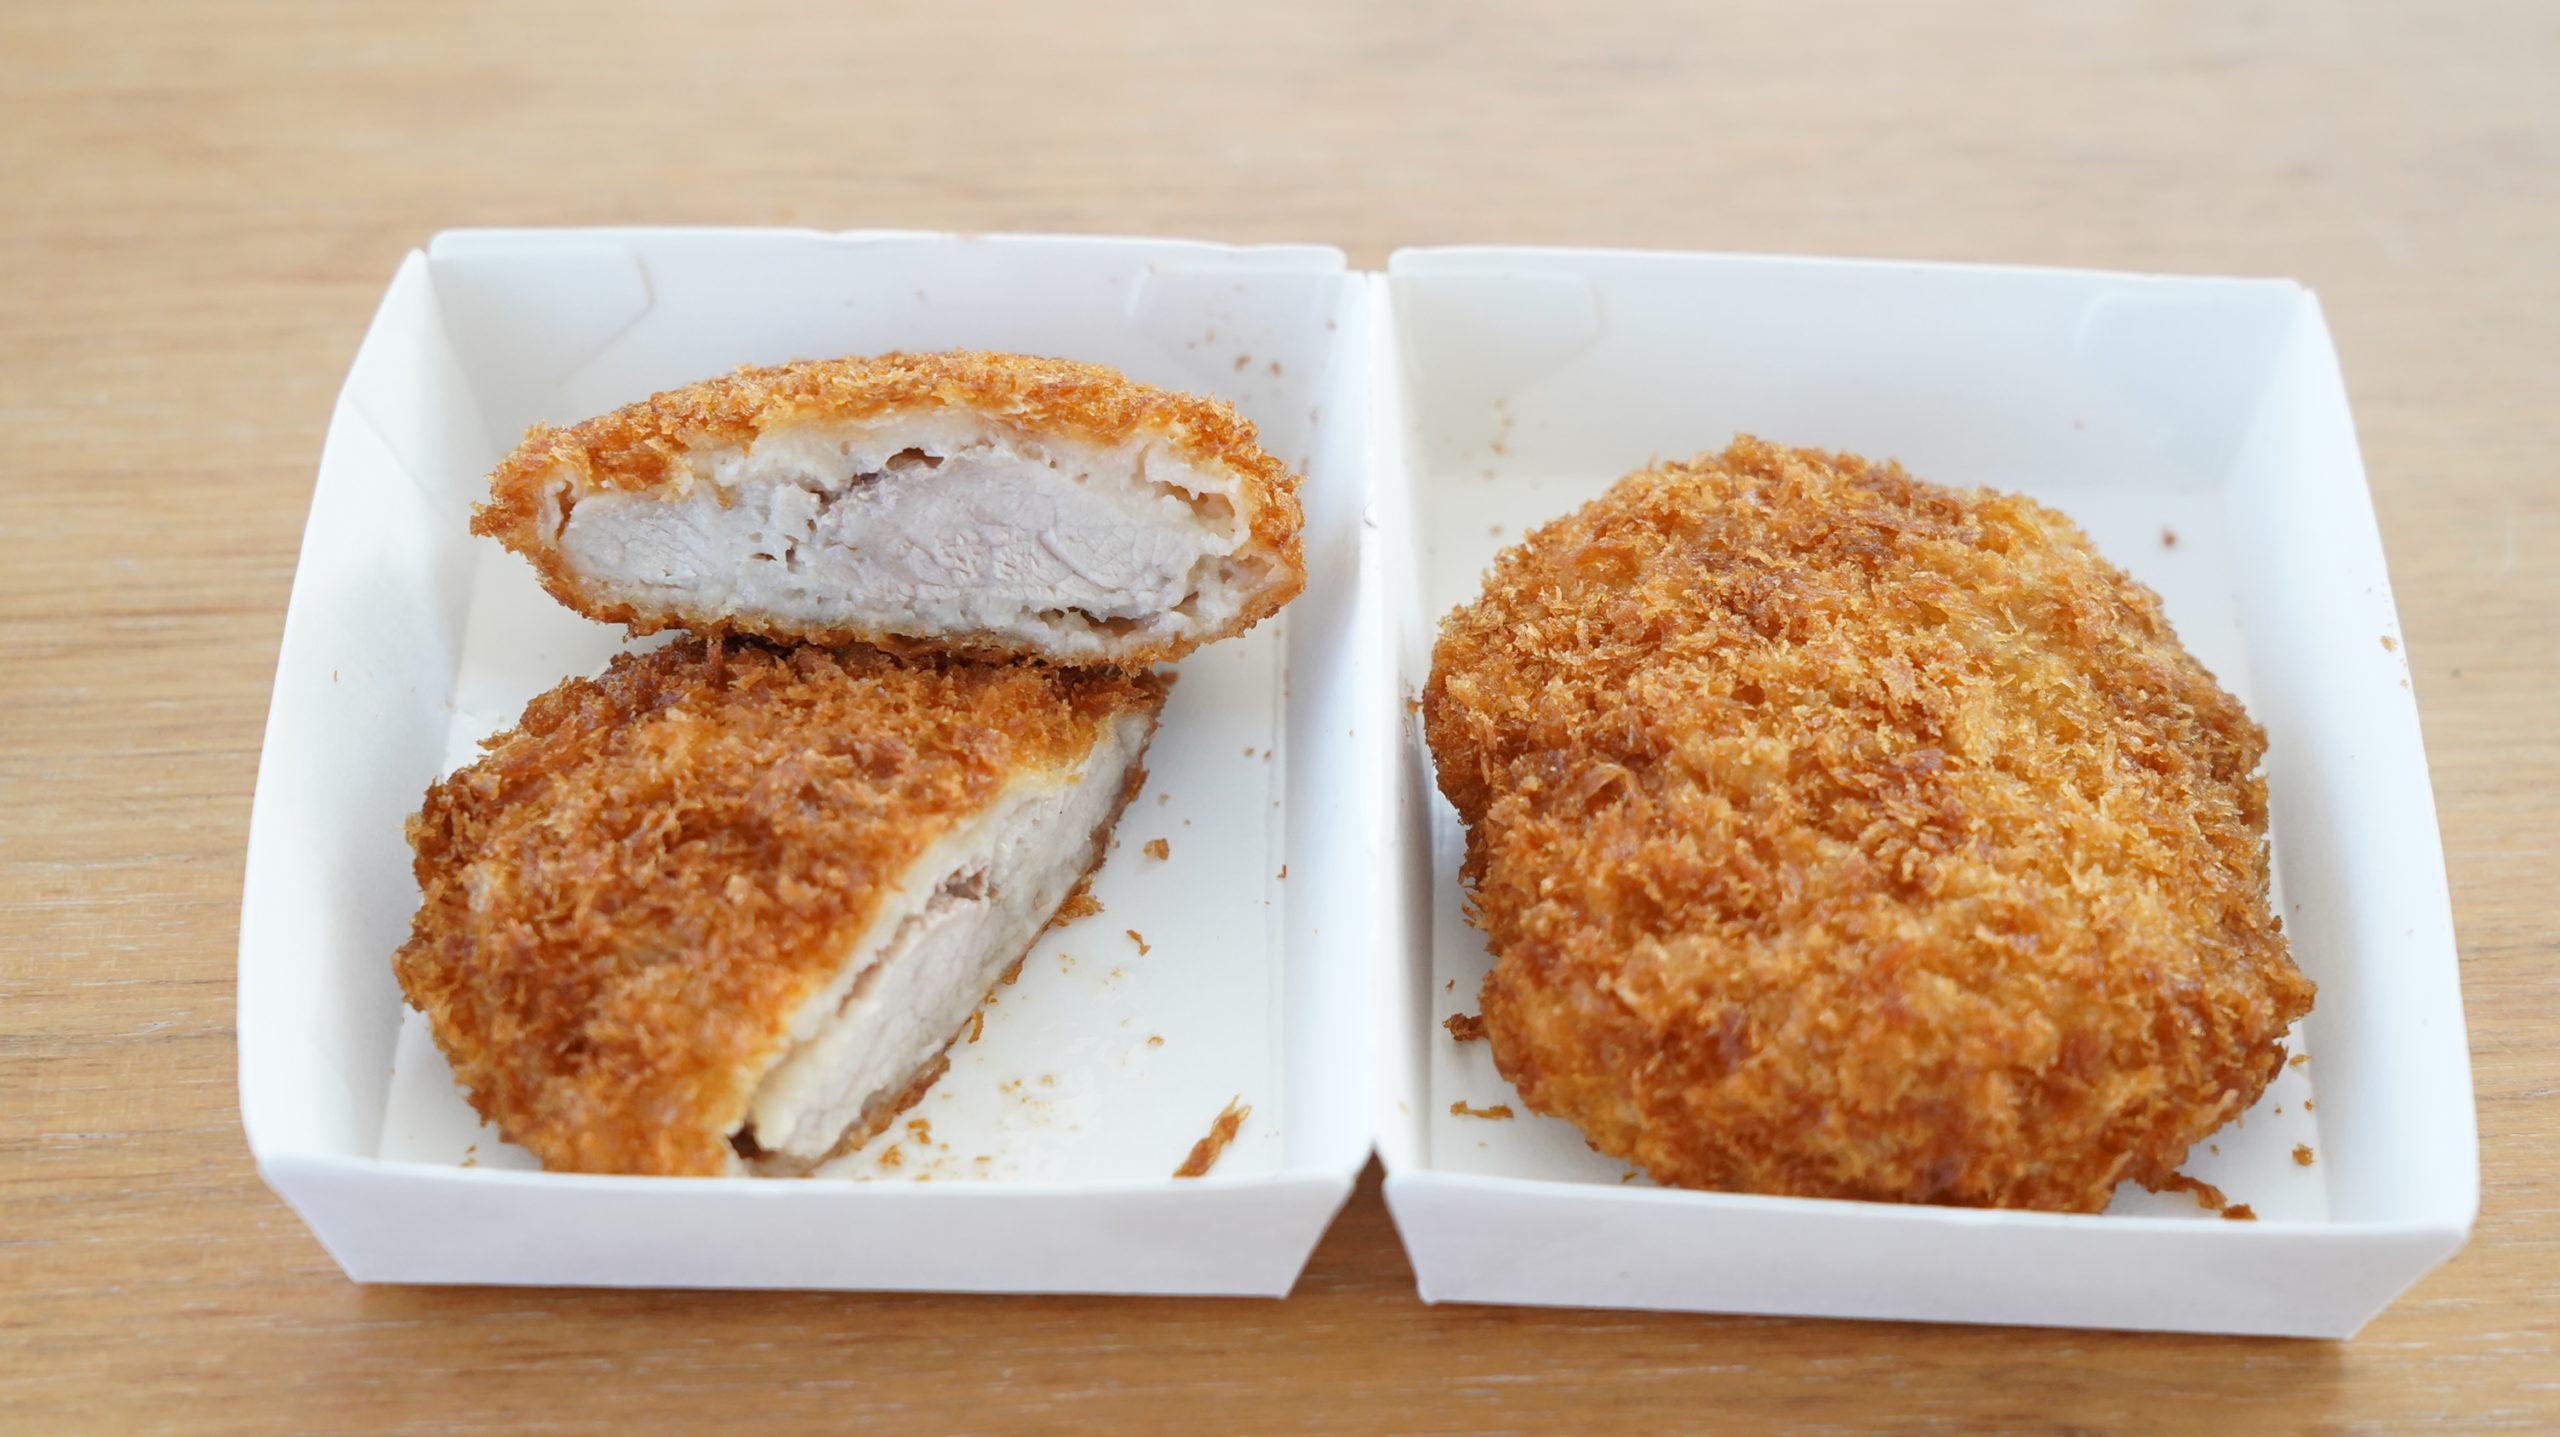 ローソンの冷凍食品「とんかつ・2枚入り」の全体の写真